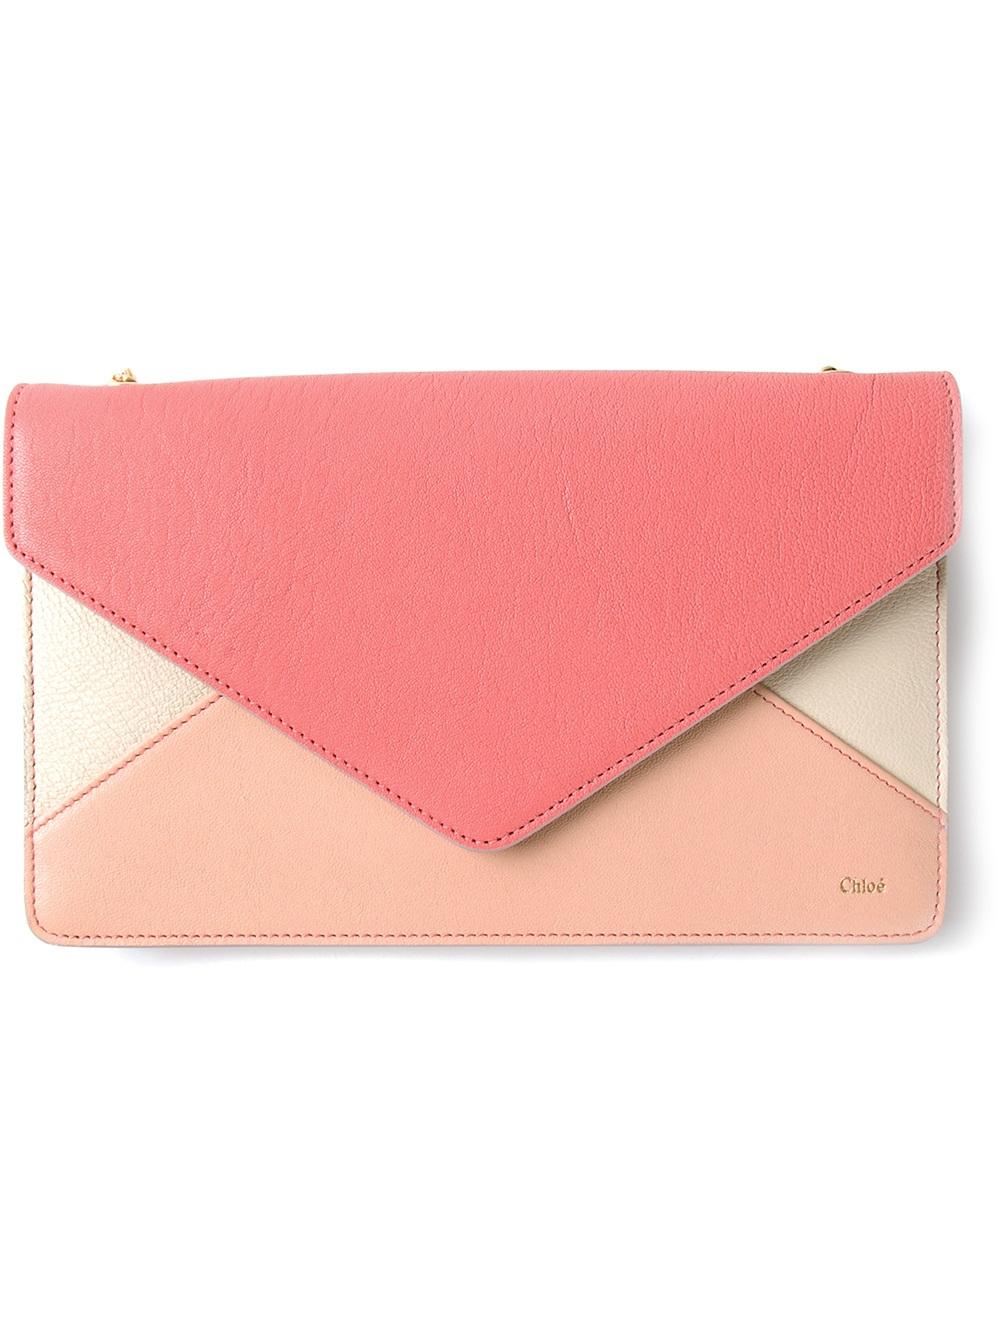 chlo colour block envelope hand bag in pink lyst. Black Bedroom Furniture Sets. Home Design Ideas